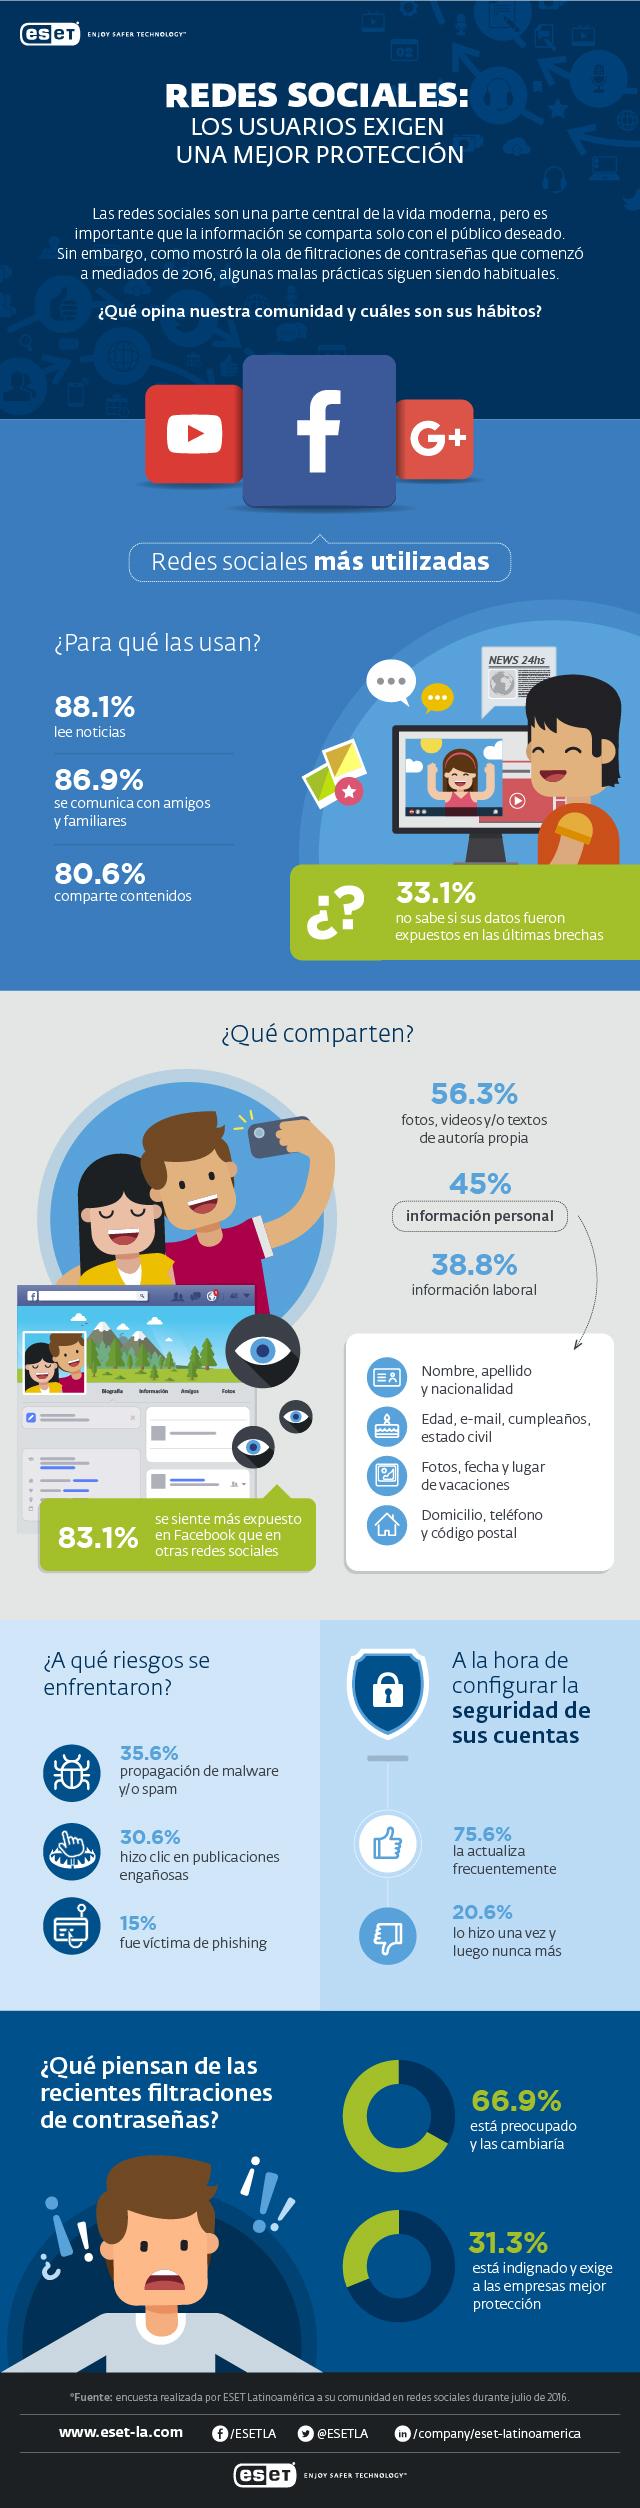 eset_redes_sociales